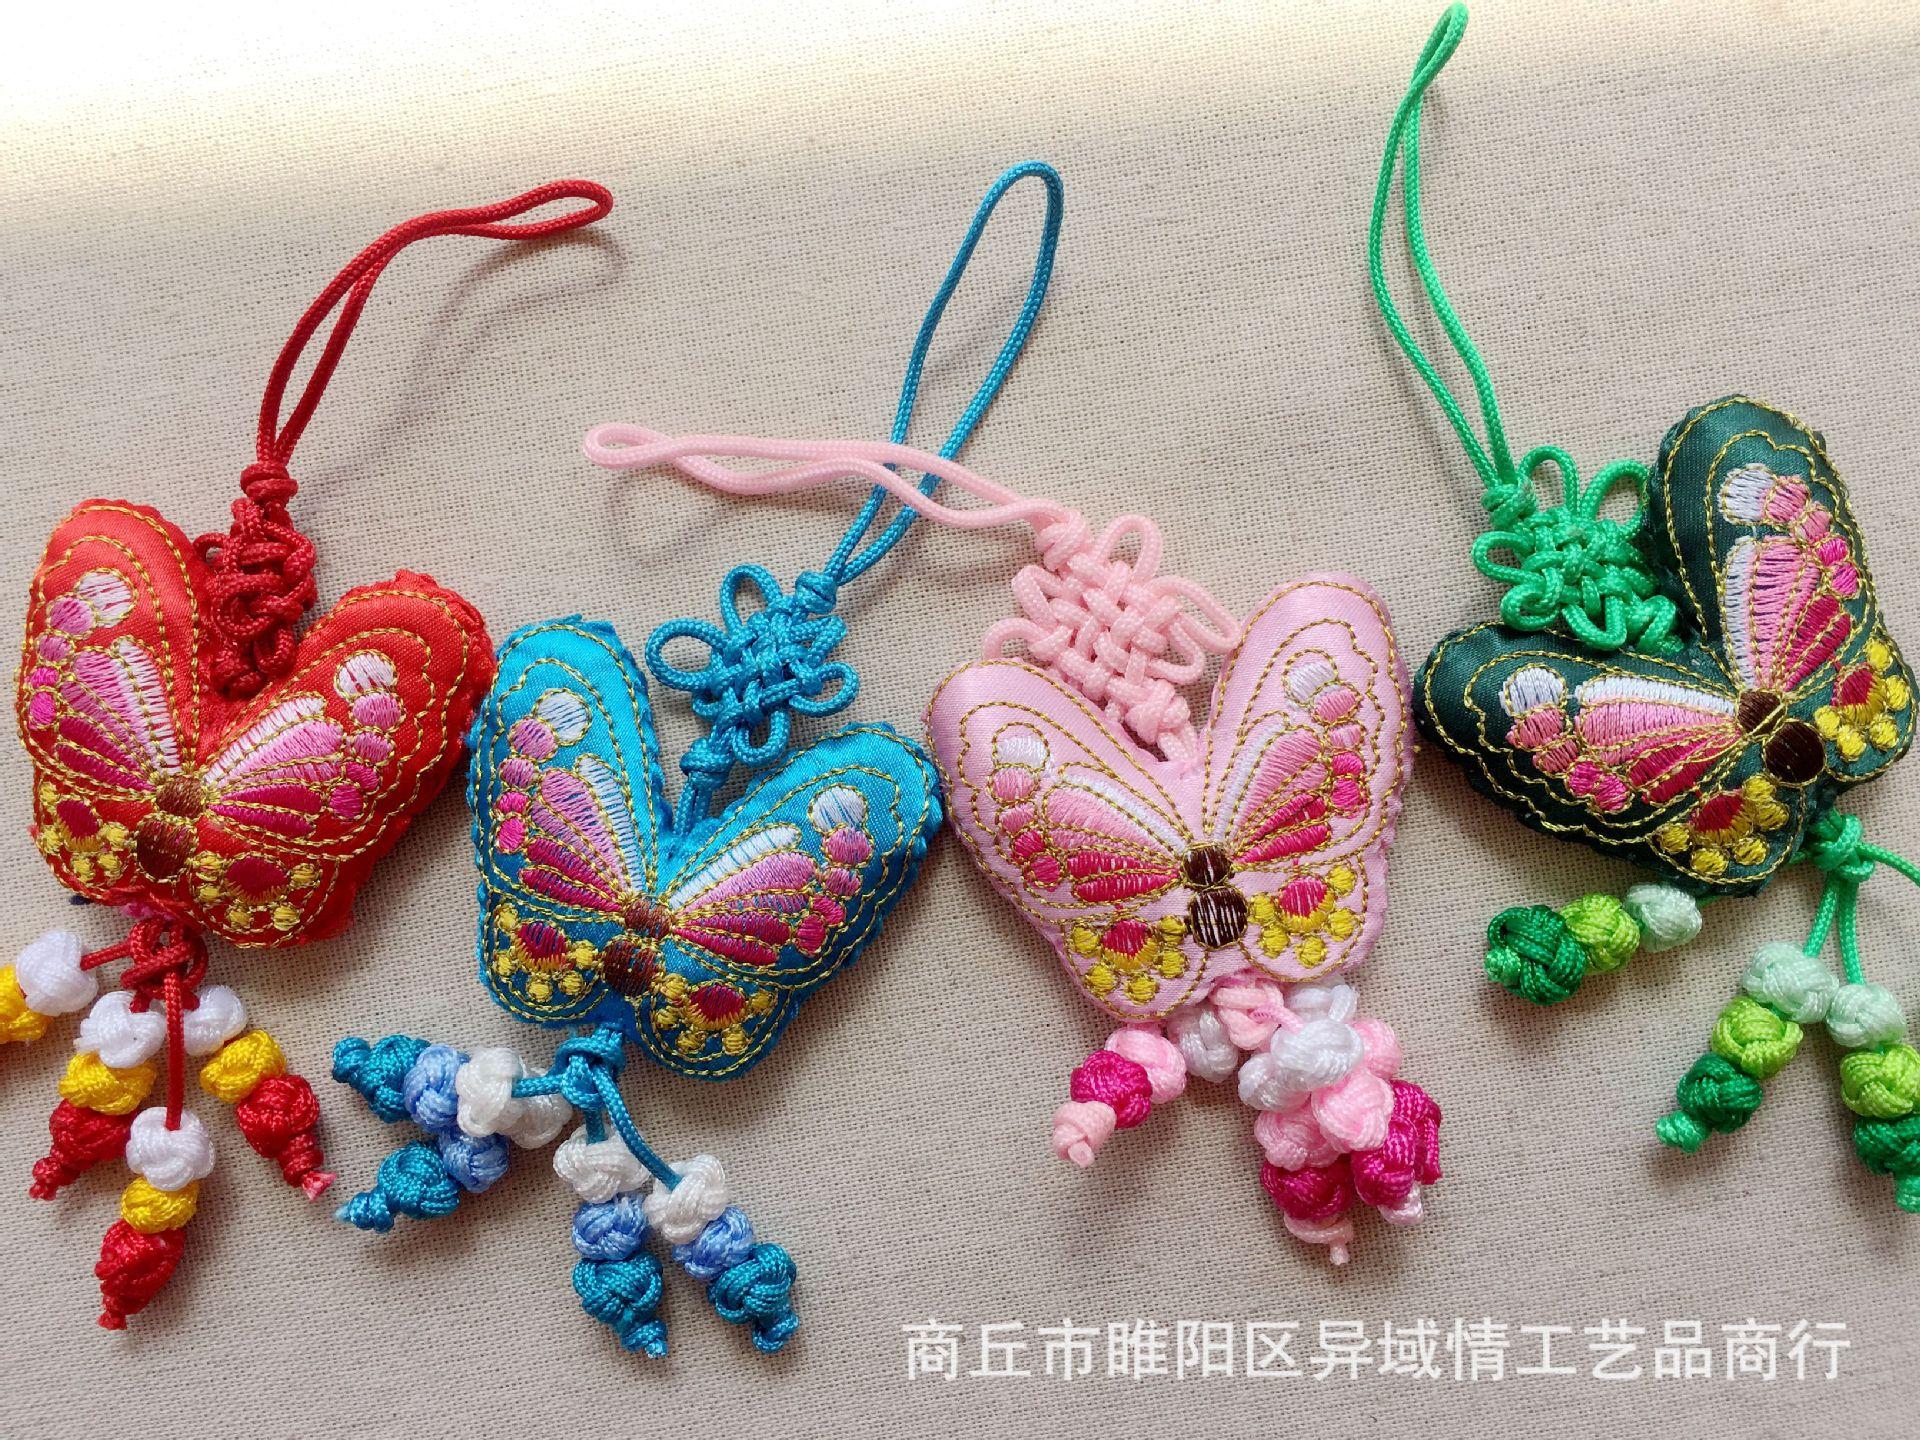 蝴蝶香包图片